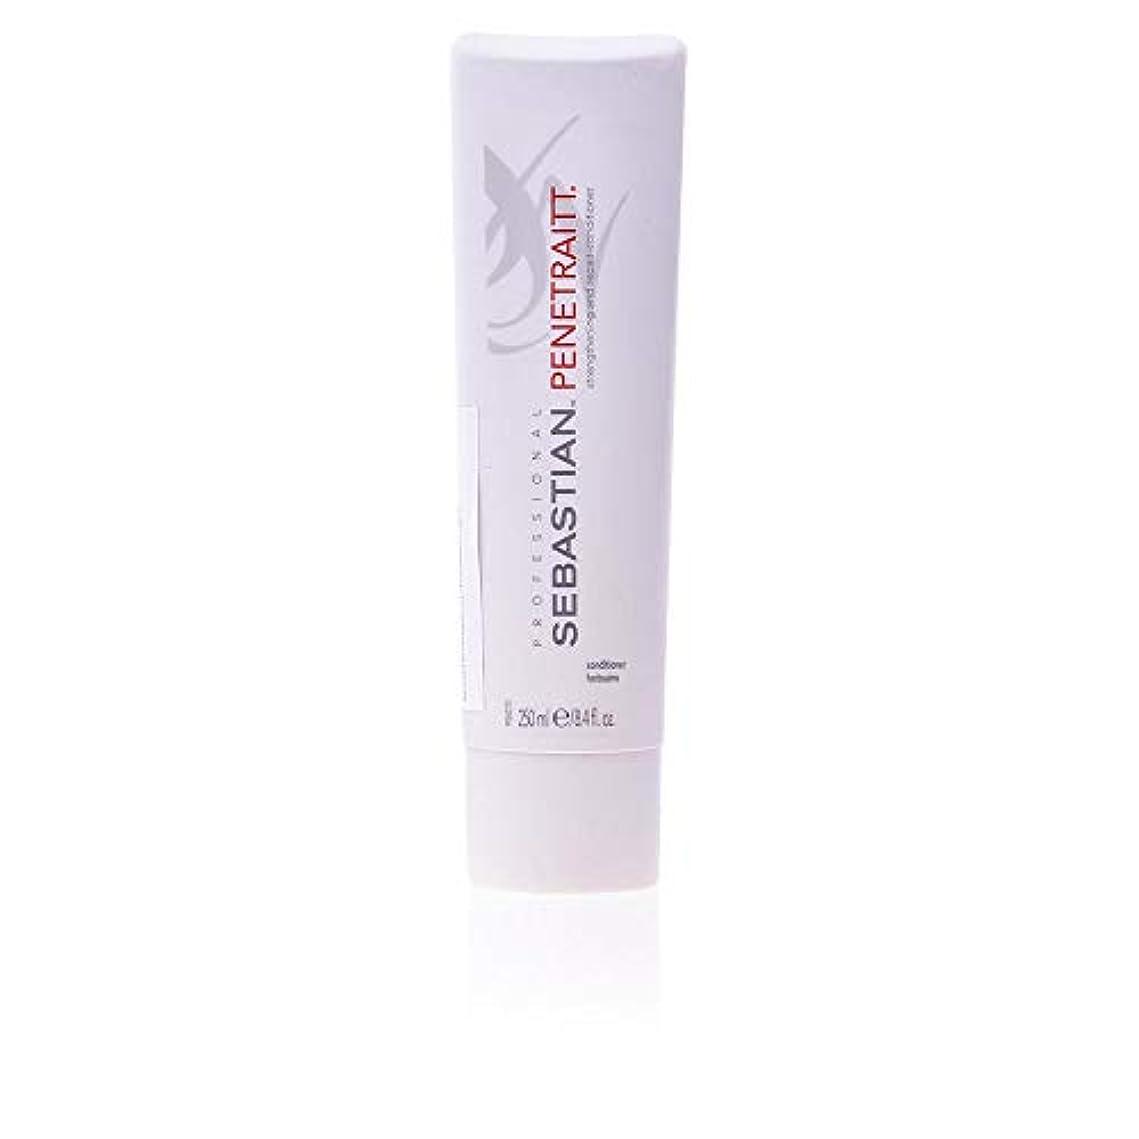 セバスチャン ペネトレイト髪質強化&修復コンディショナー 250ml (並行輸入品)